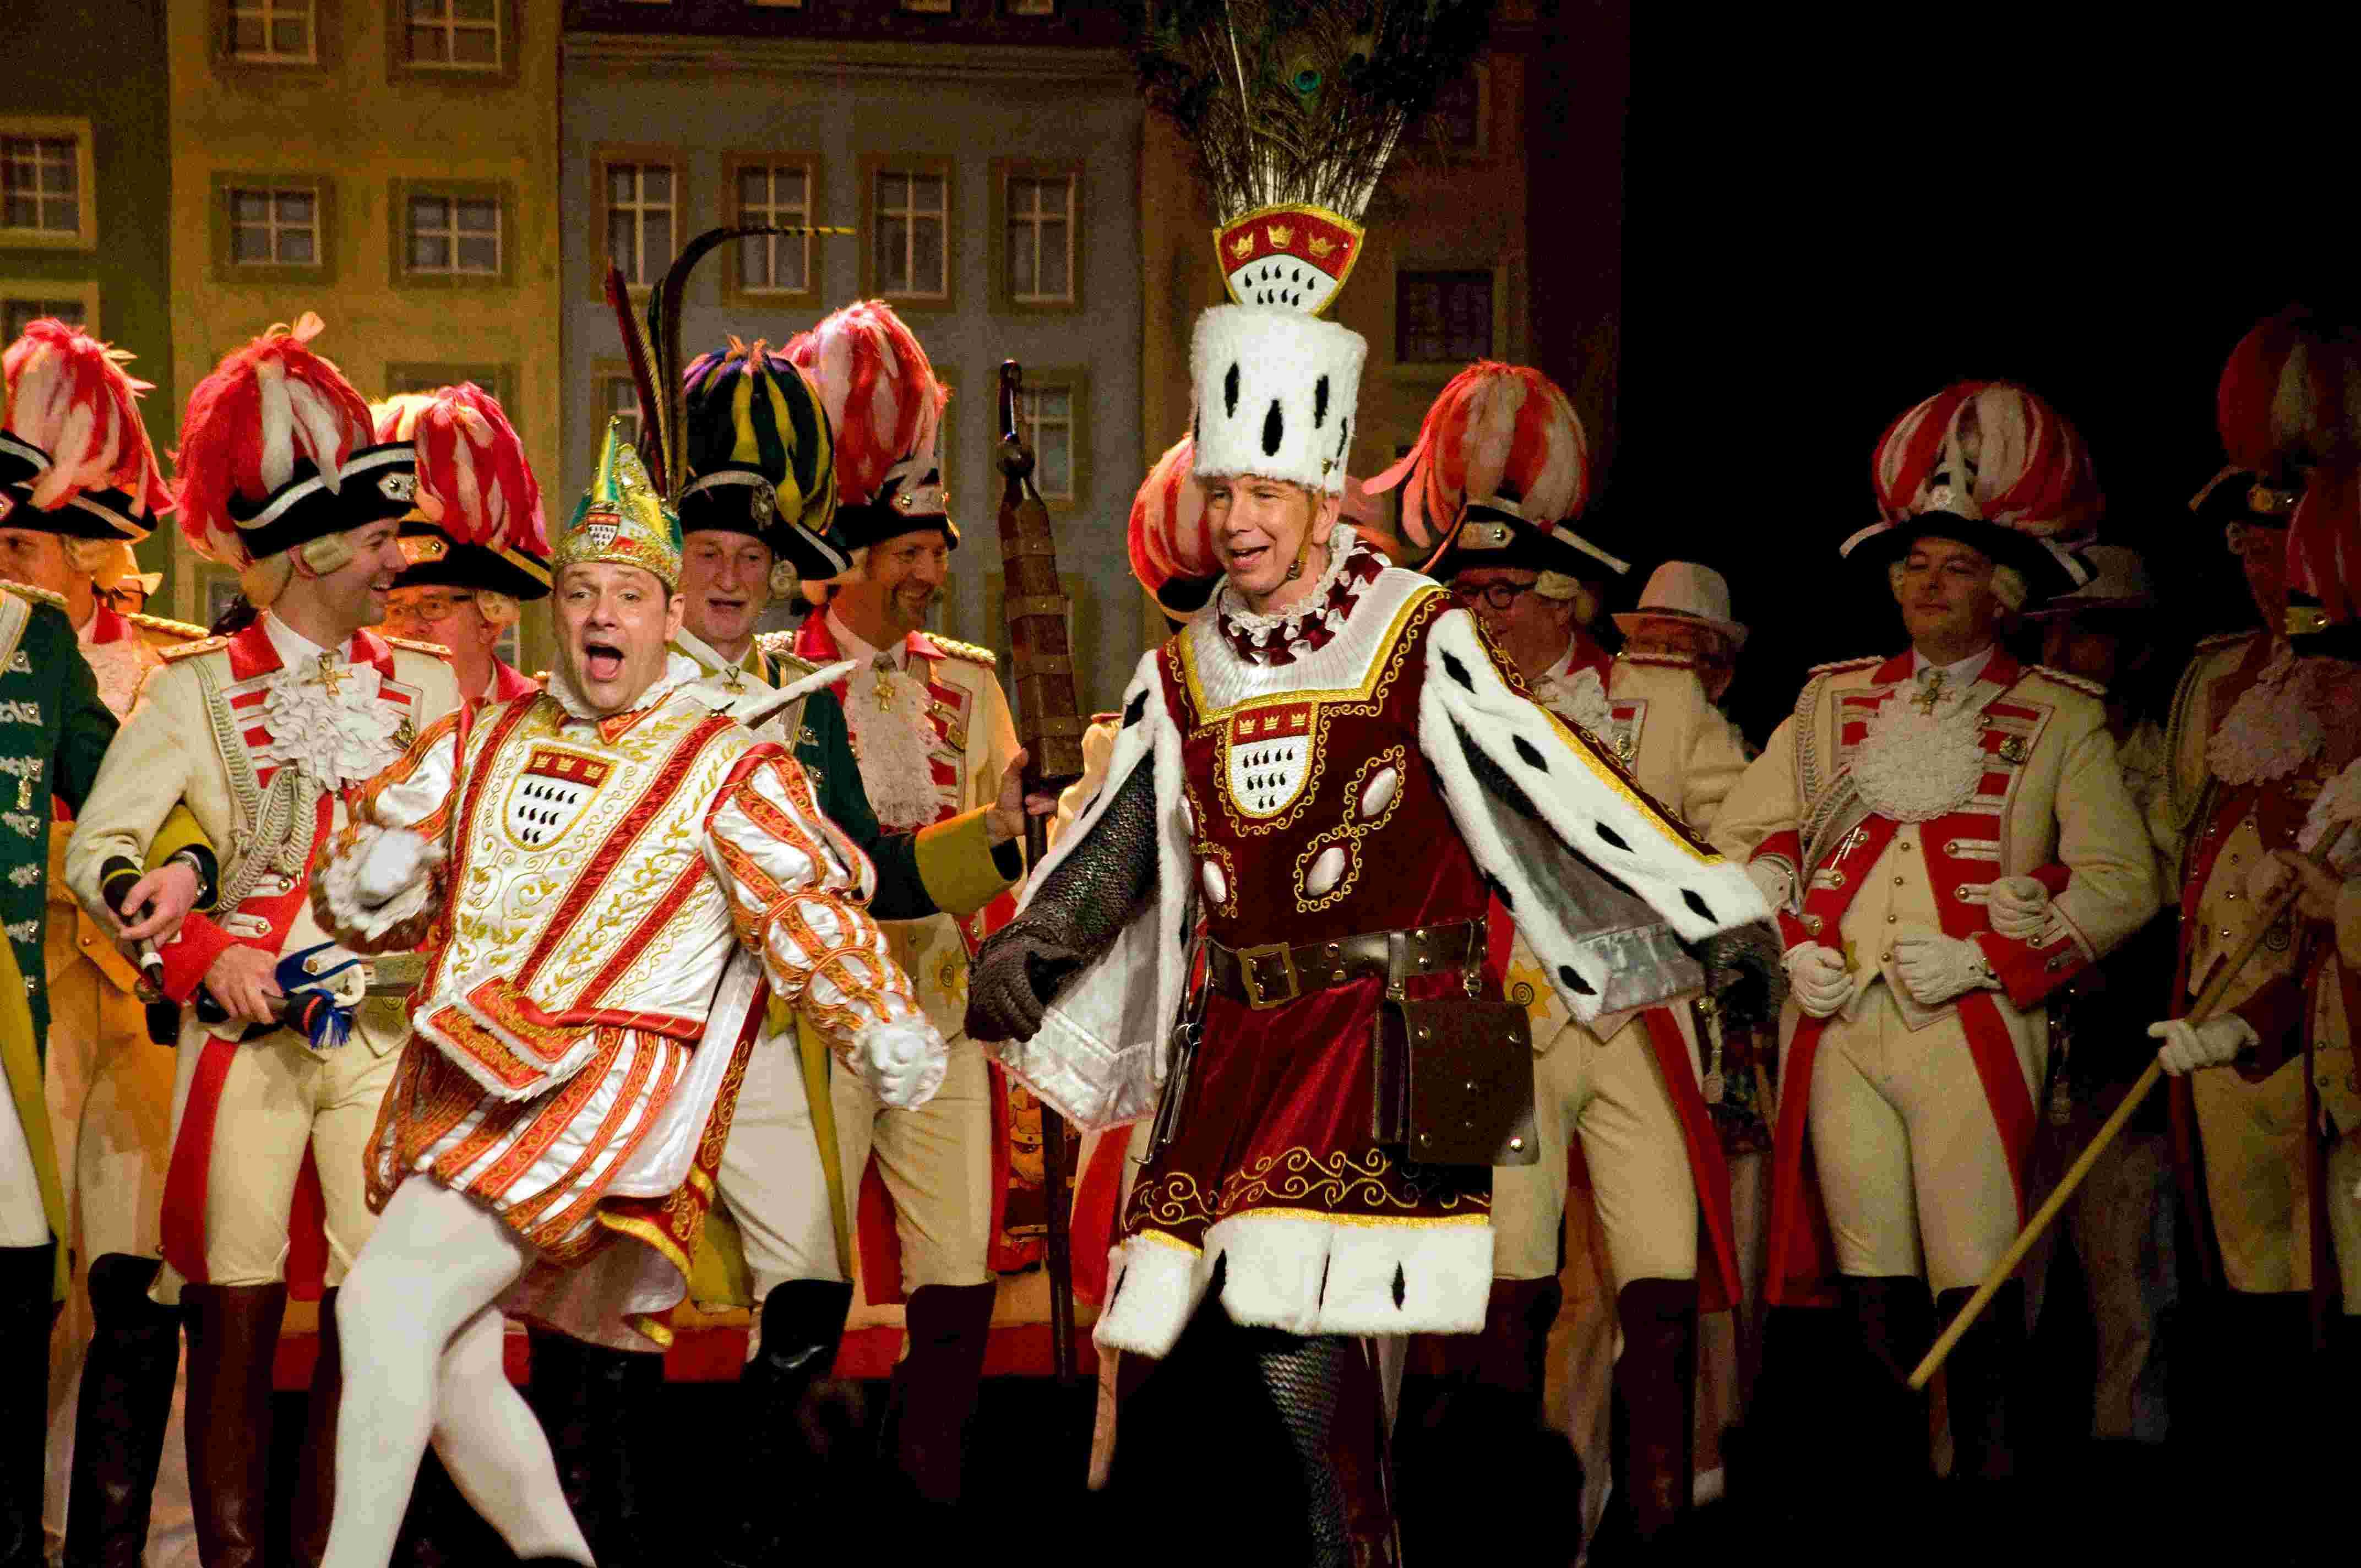 Sitzung 2014 34 - Dreigestirn (tanzender Prinz und Bauer)